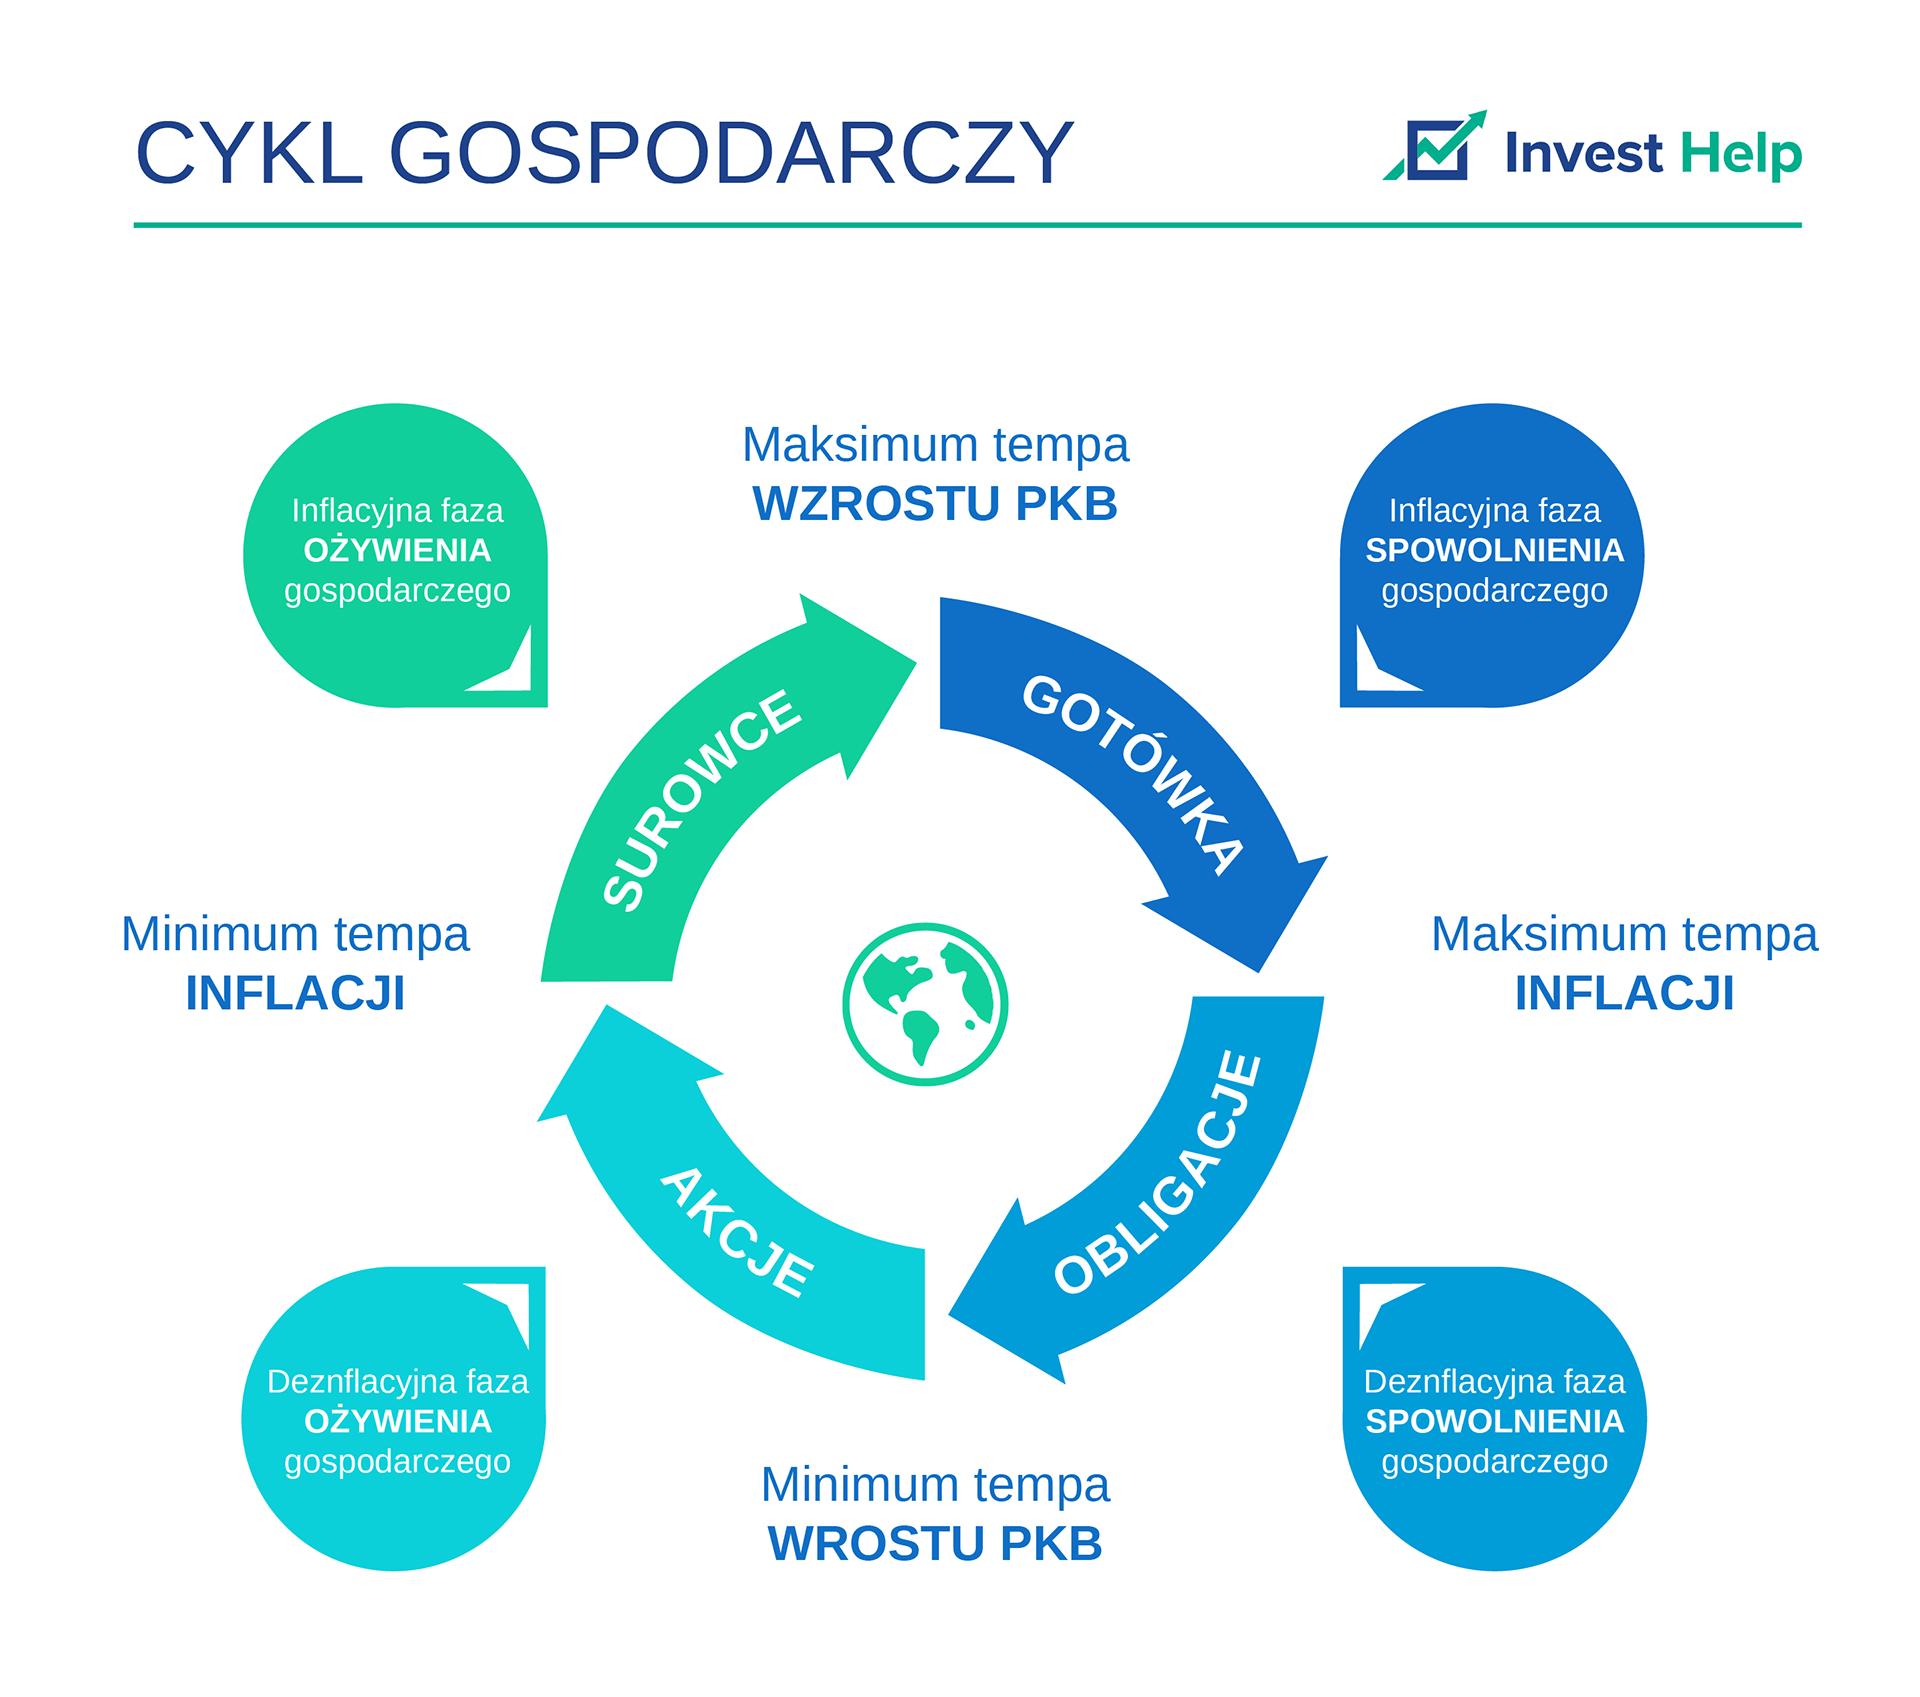 cykl-gospodarczy-invest-help